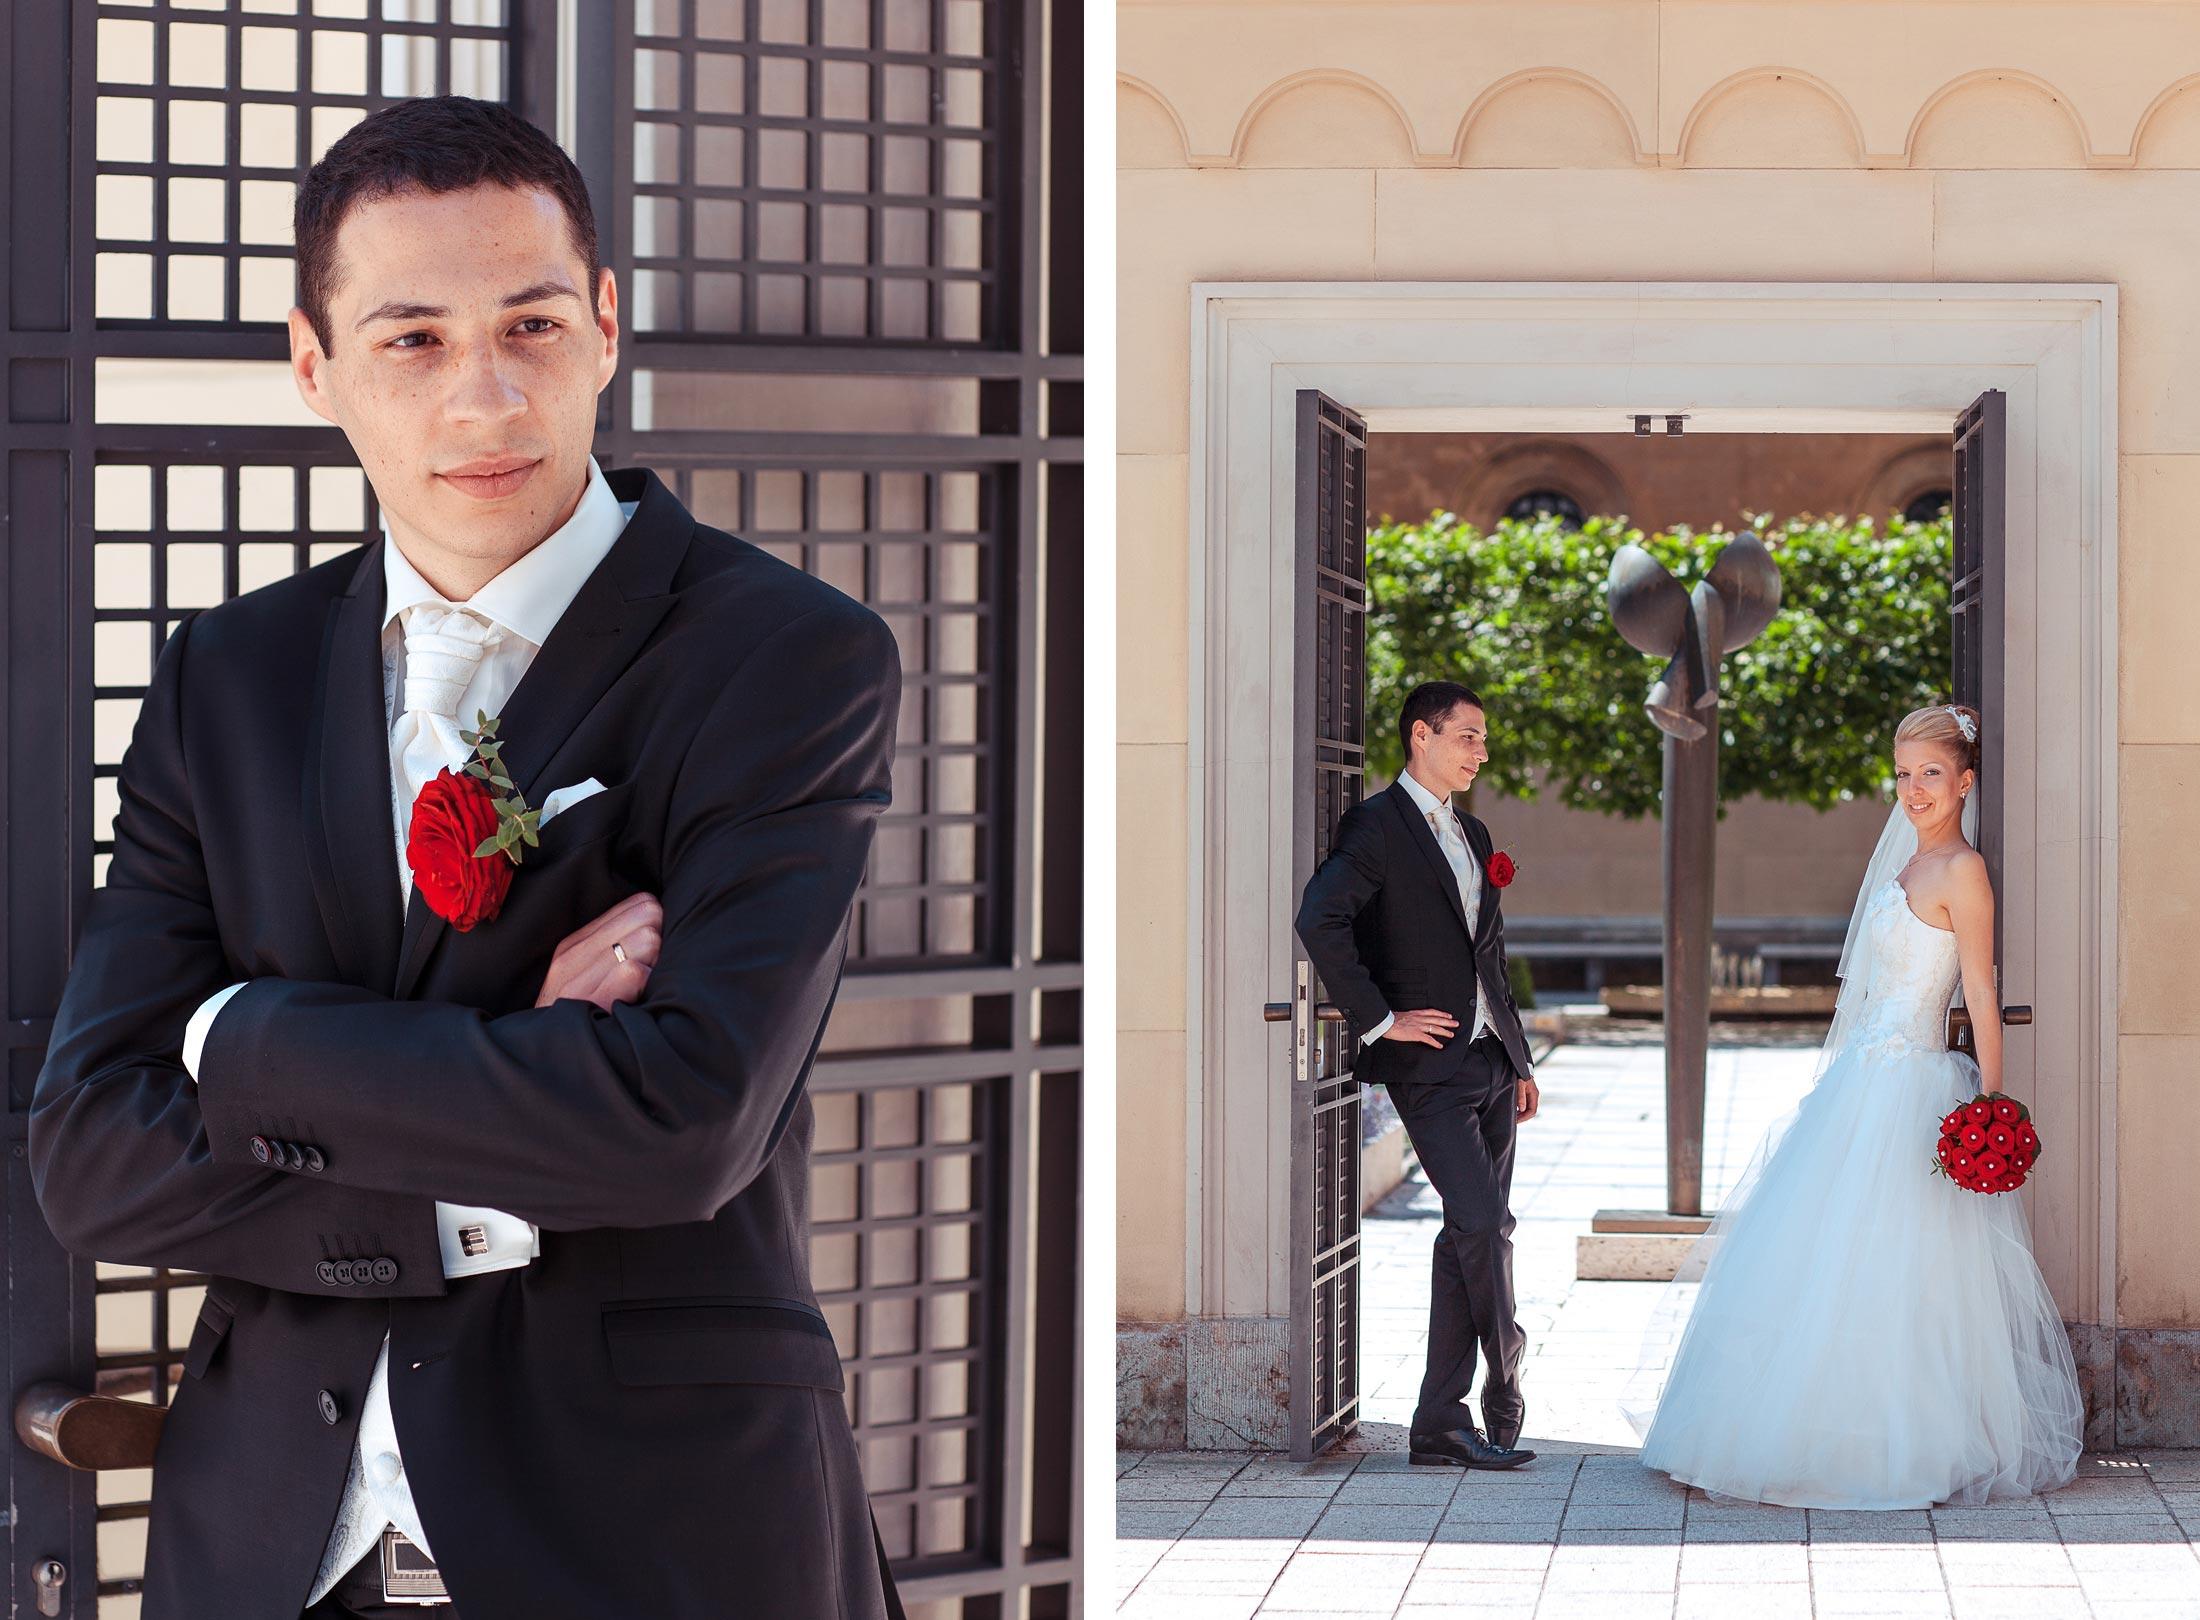 Wedding photographer Blog - weddingsongs